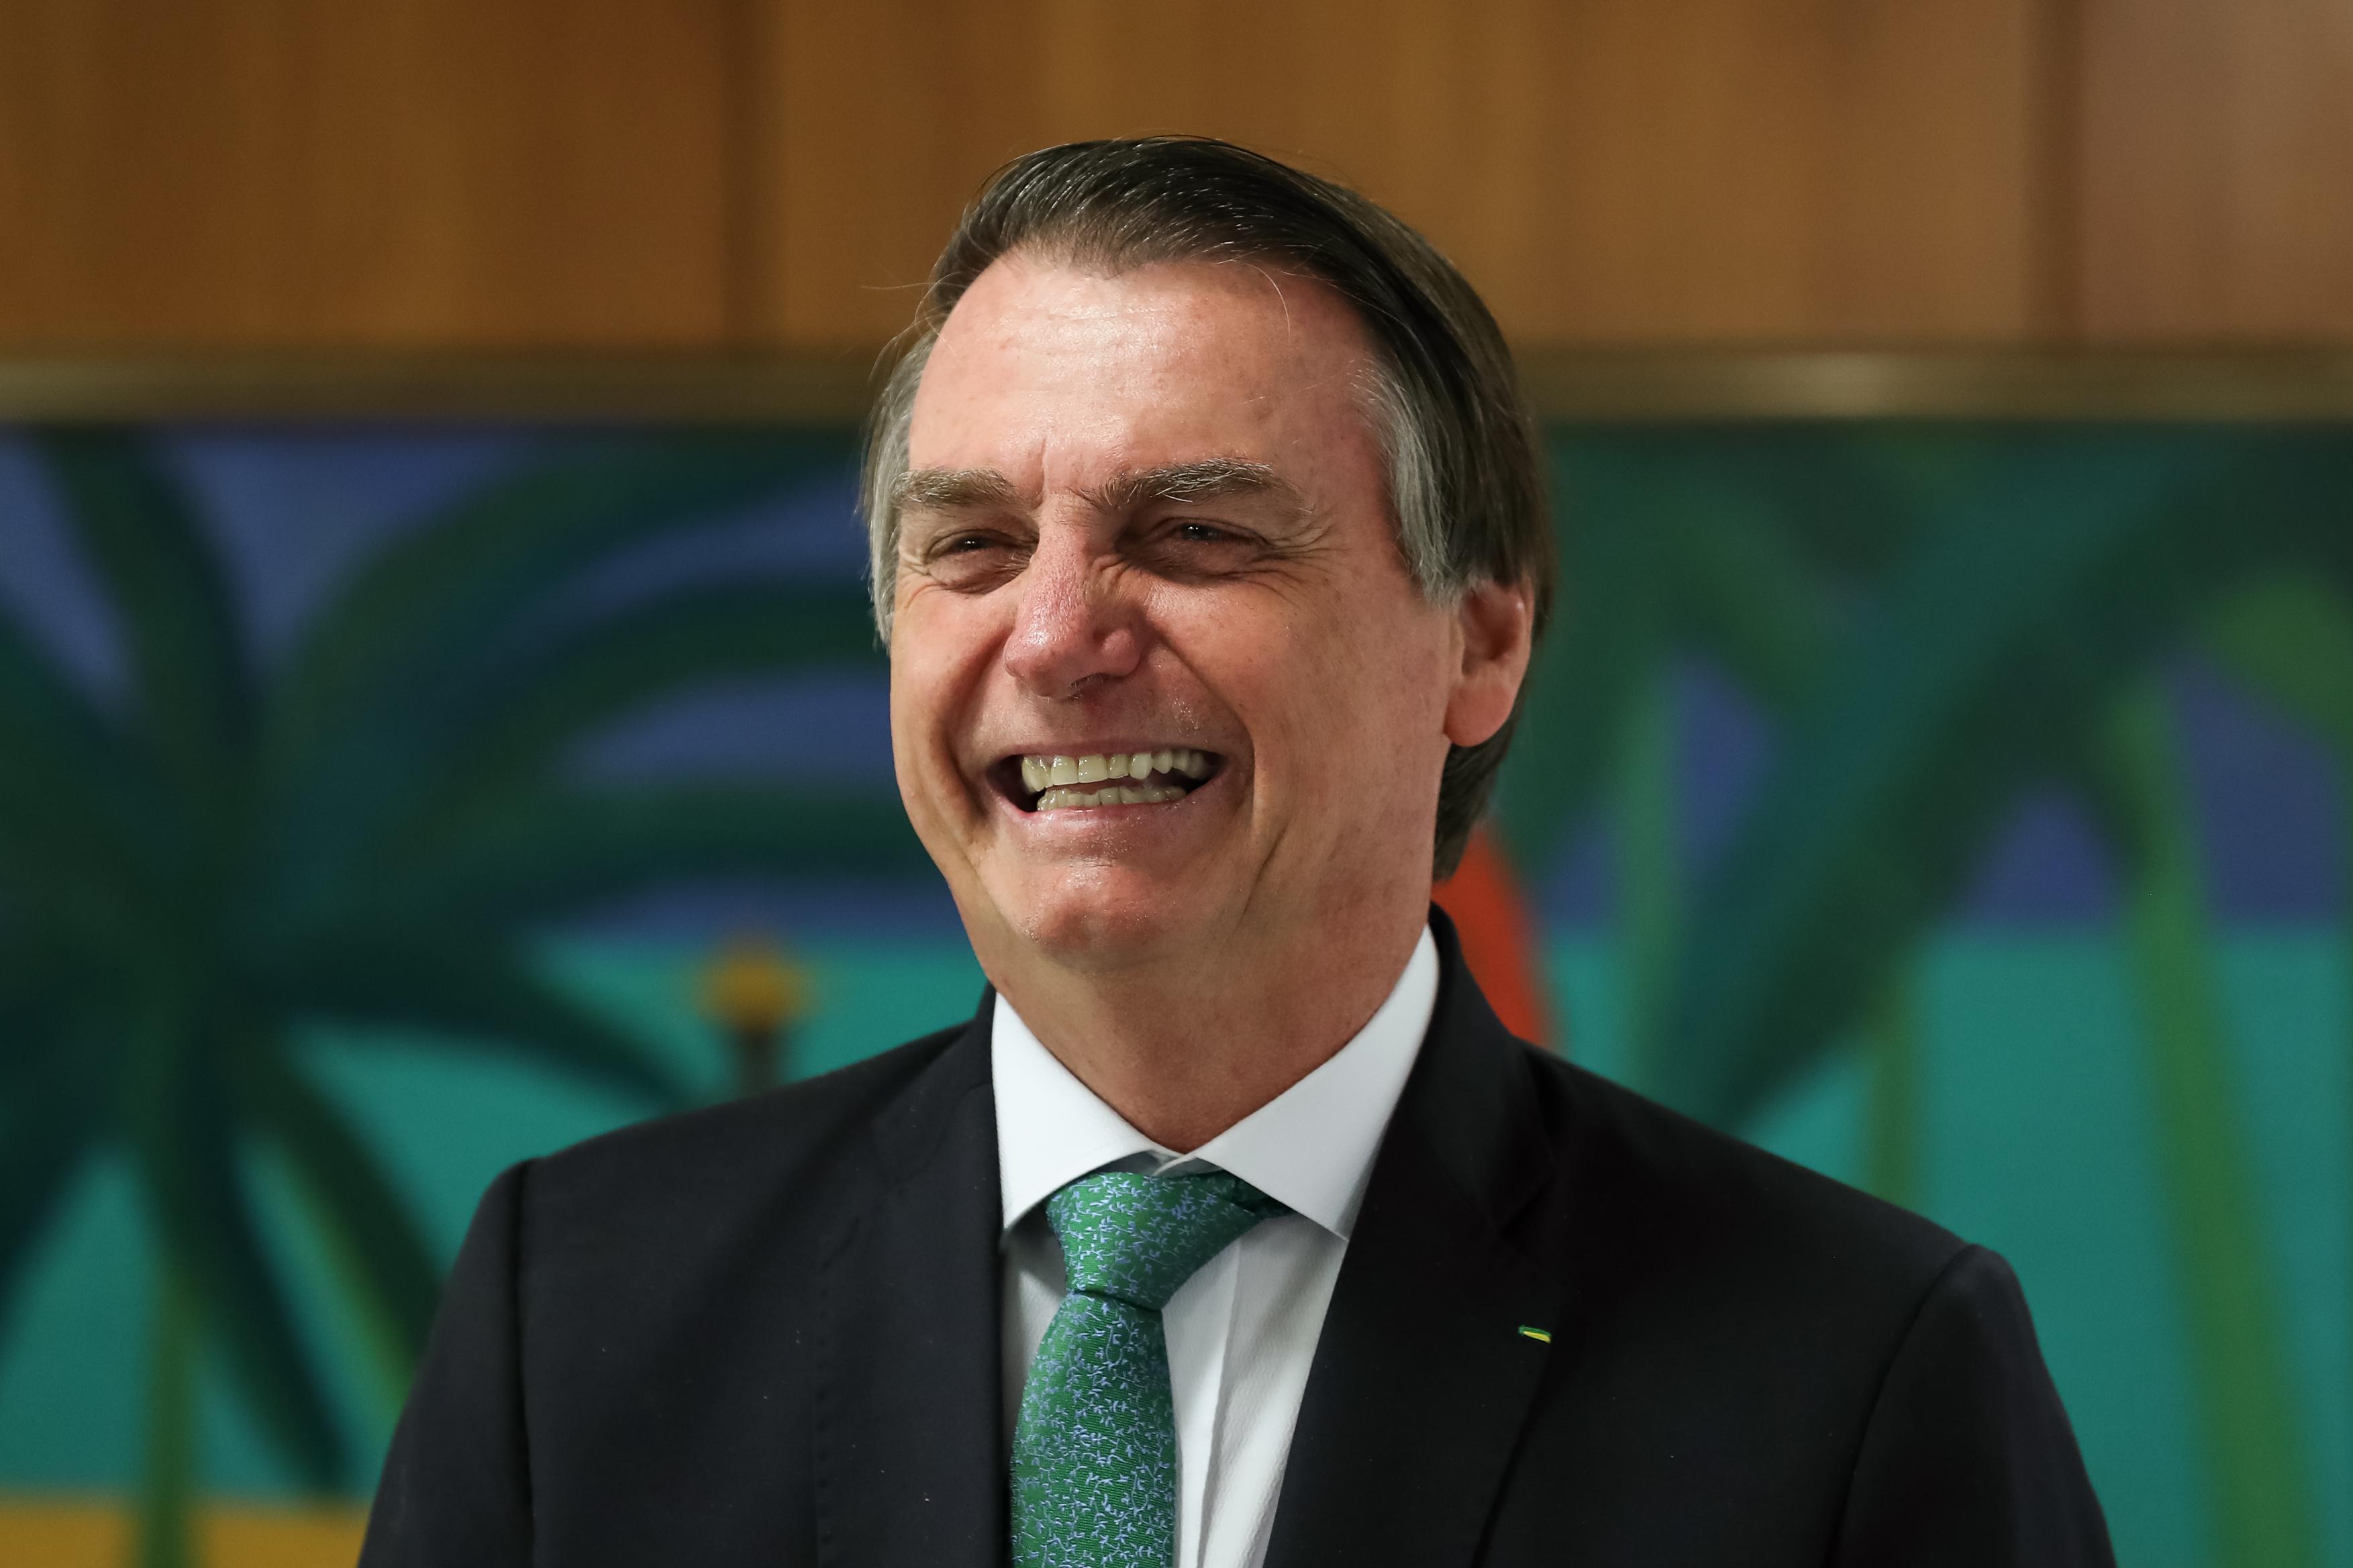 IMAGEM: Bolsonaro quer ir a 'posse' de imperador do Japão